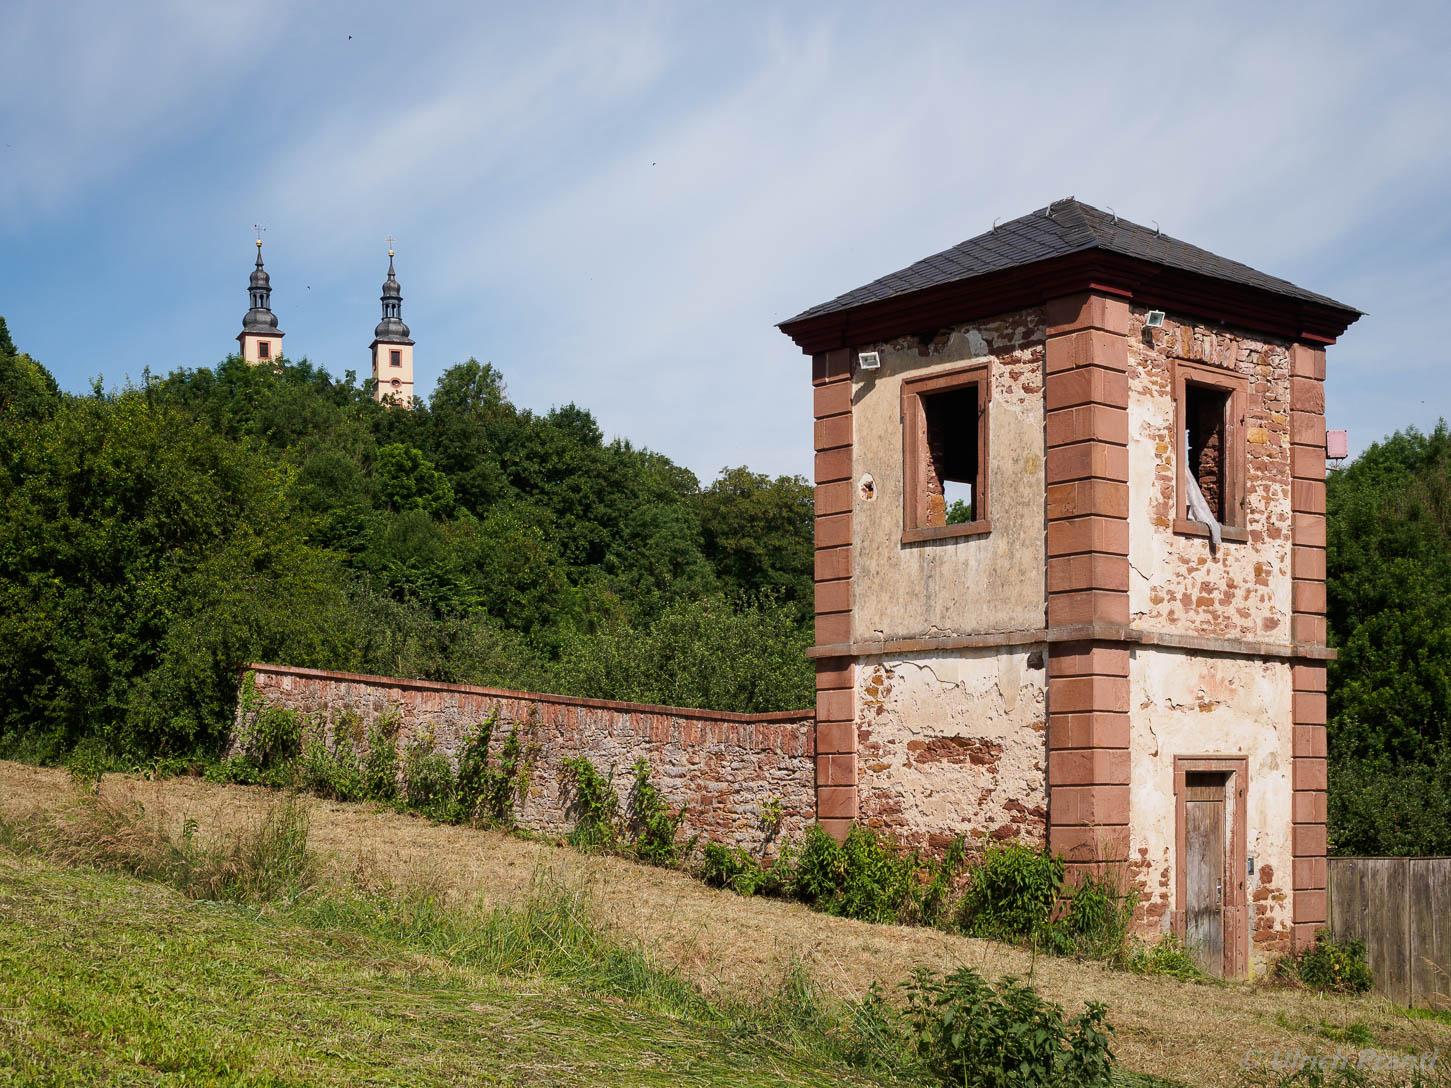 Kloster, Trennfurt, Triefenstein